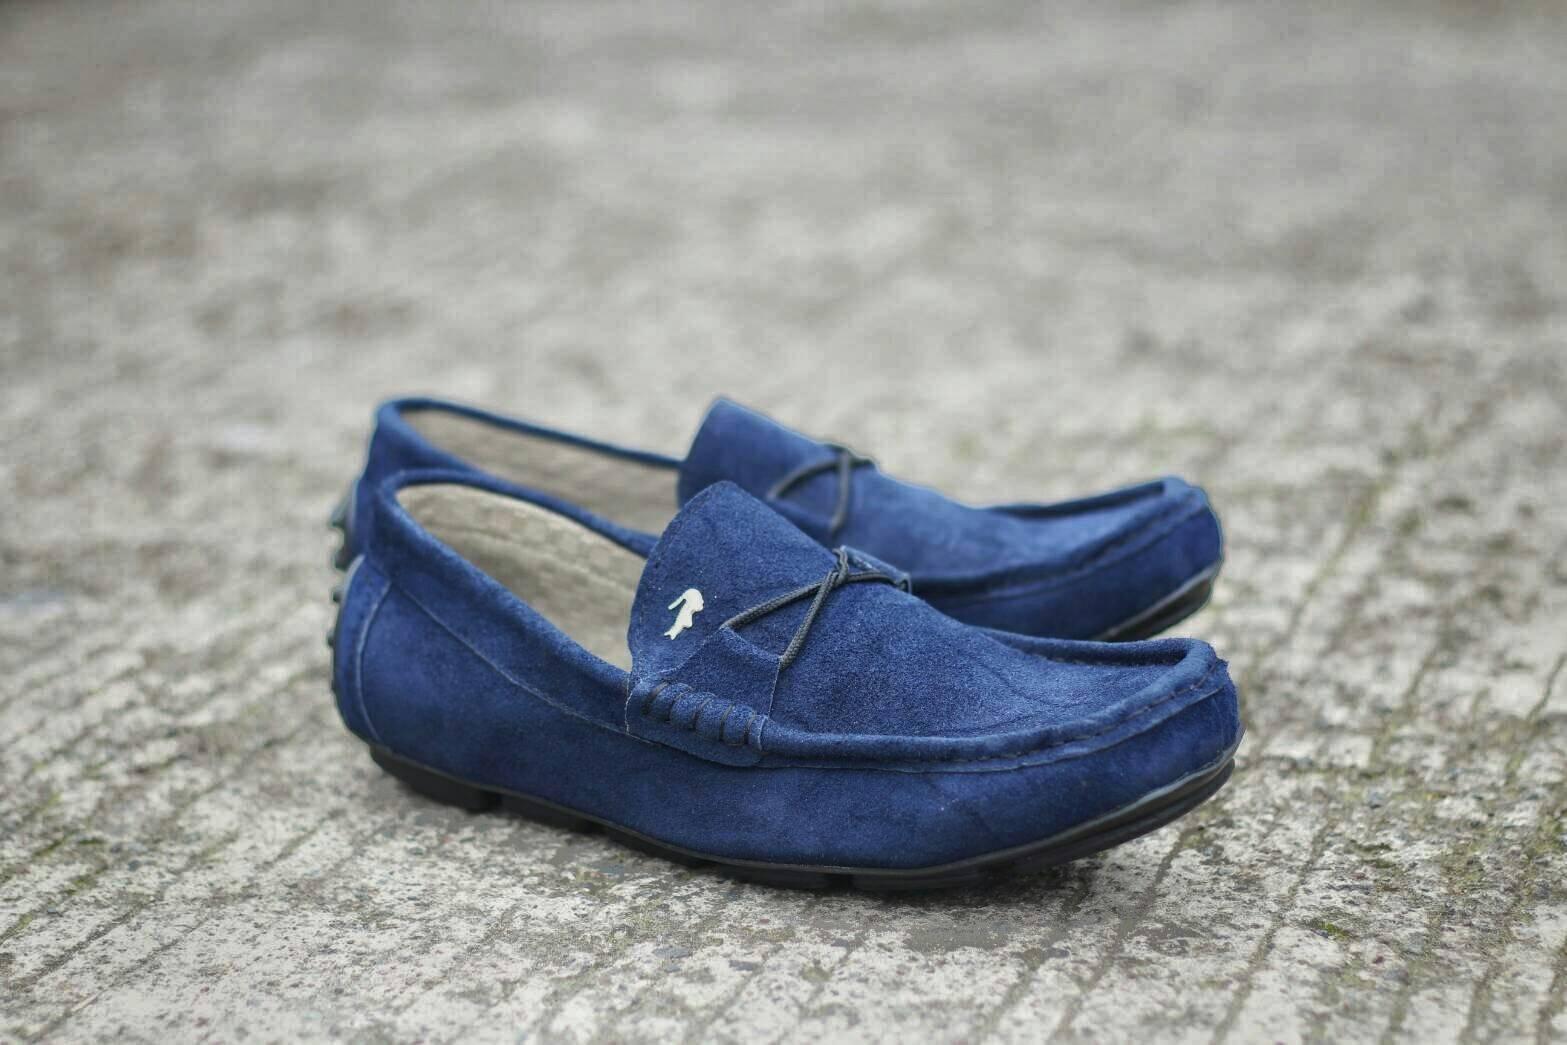 Cek Harga Baru Sepatu Slip On V 508 Sepatu Flat Casual Dan Santai ... 5112f35f99